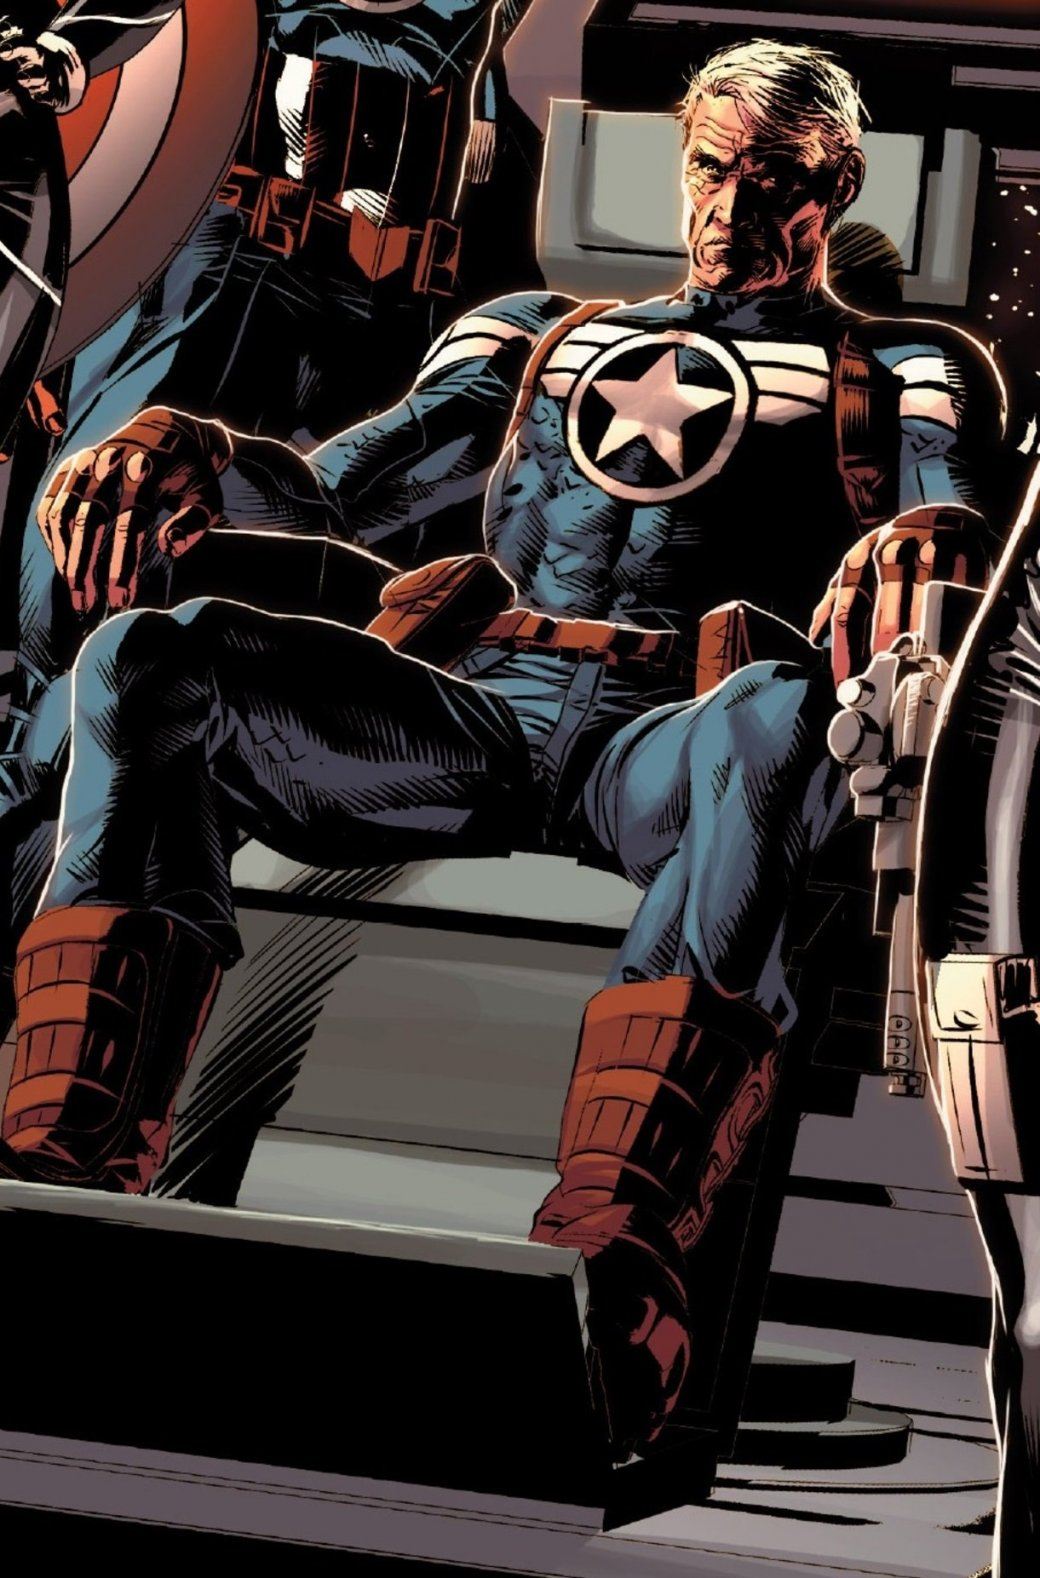 Как Капитан Америка предал все ради власти над Гидрой ивсем миром. - Изображение 2